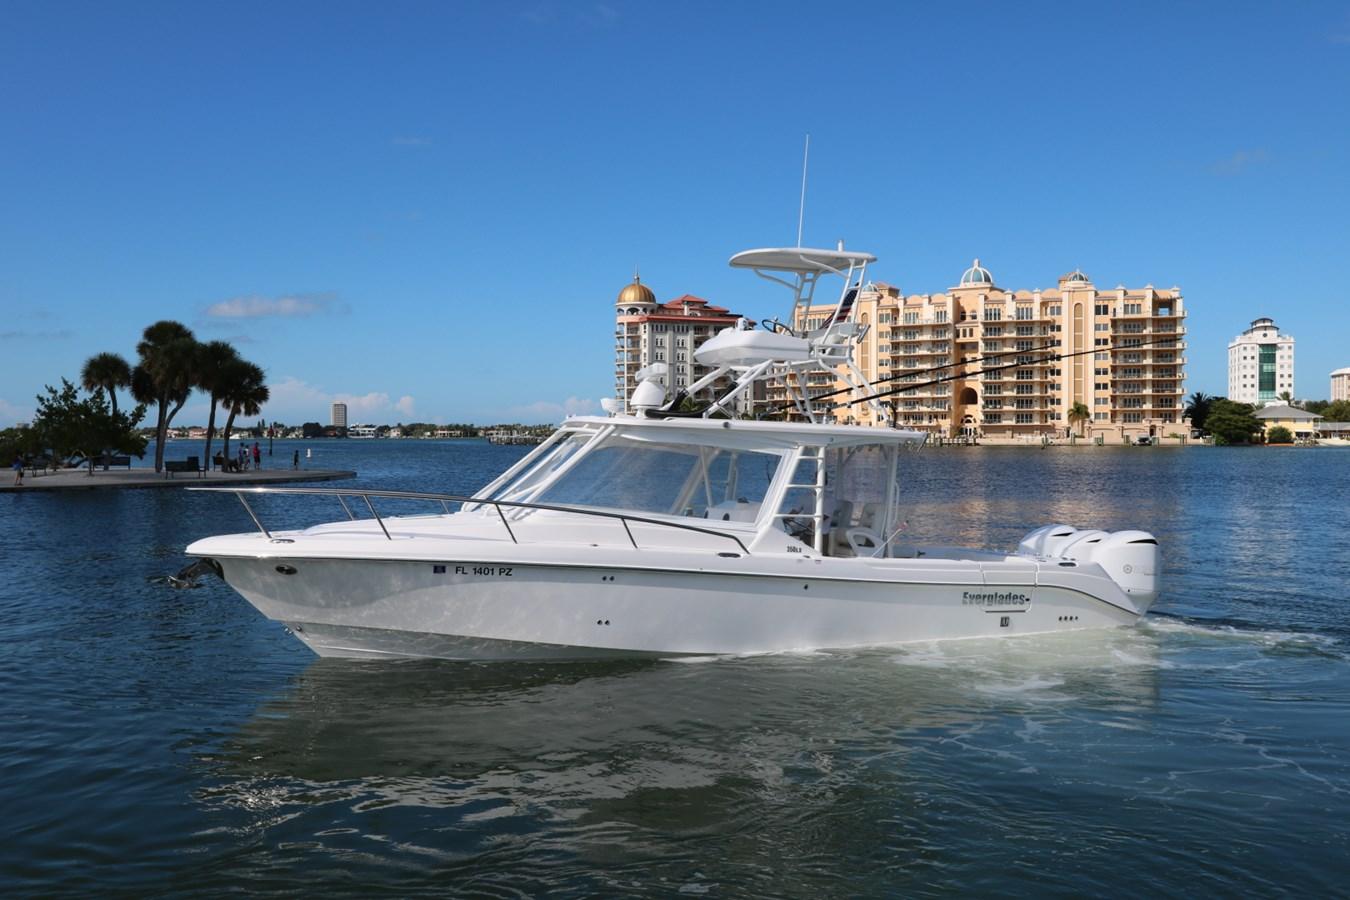 2015 Everglades 350LX 2015 EVERGLADES 350LX Walkaround 2743747